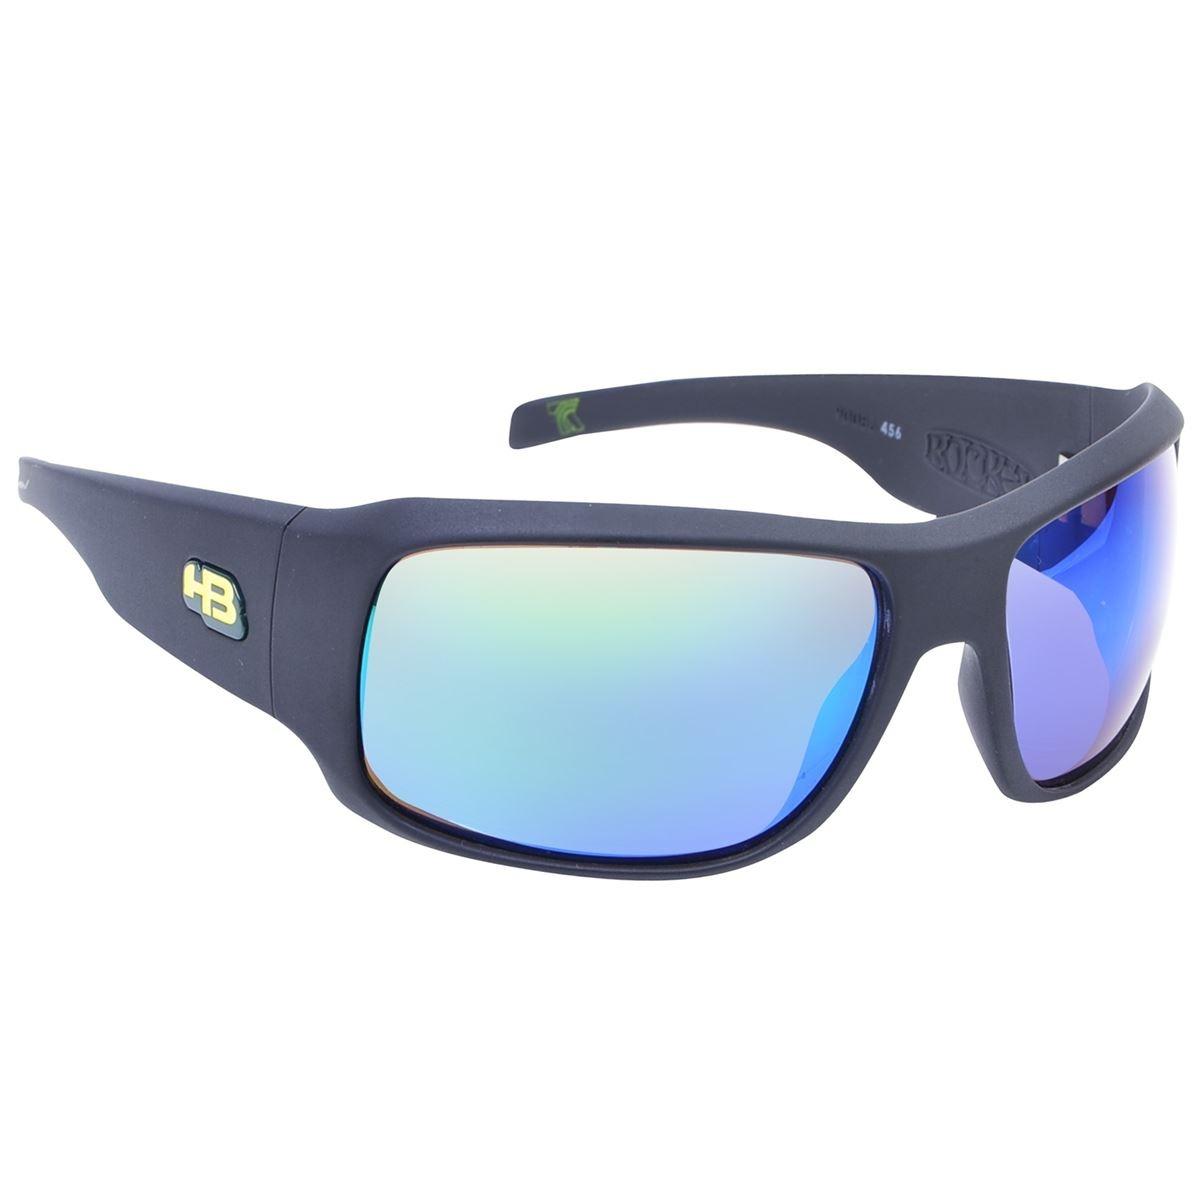 b363aa9a9ec3d Óculos Hb Rocker Tony Kanaan Multi Green Lenses - R  399,90 em ...